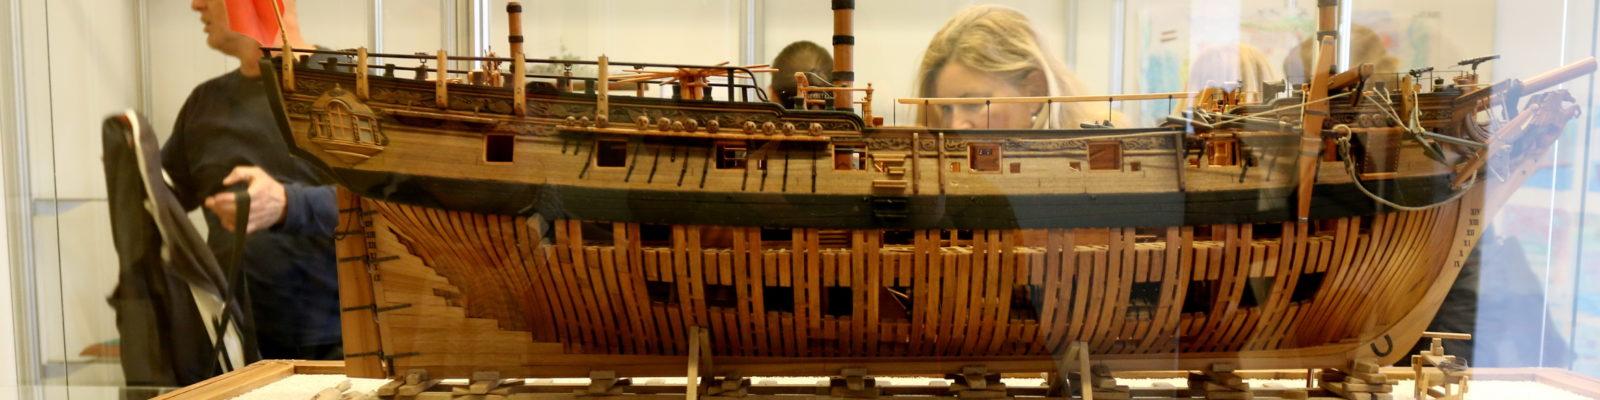 Brodomaketari u Rijeci